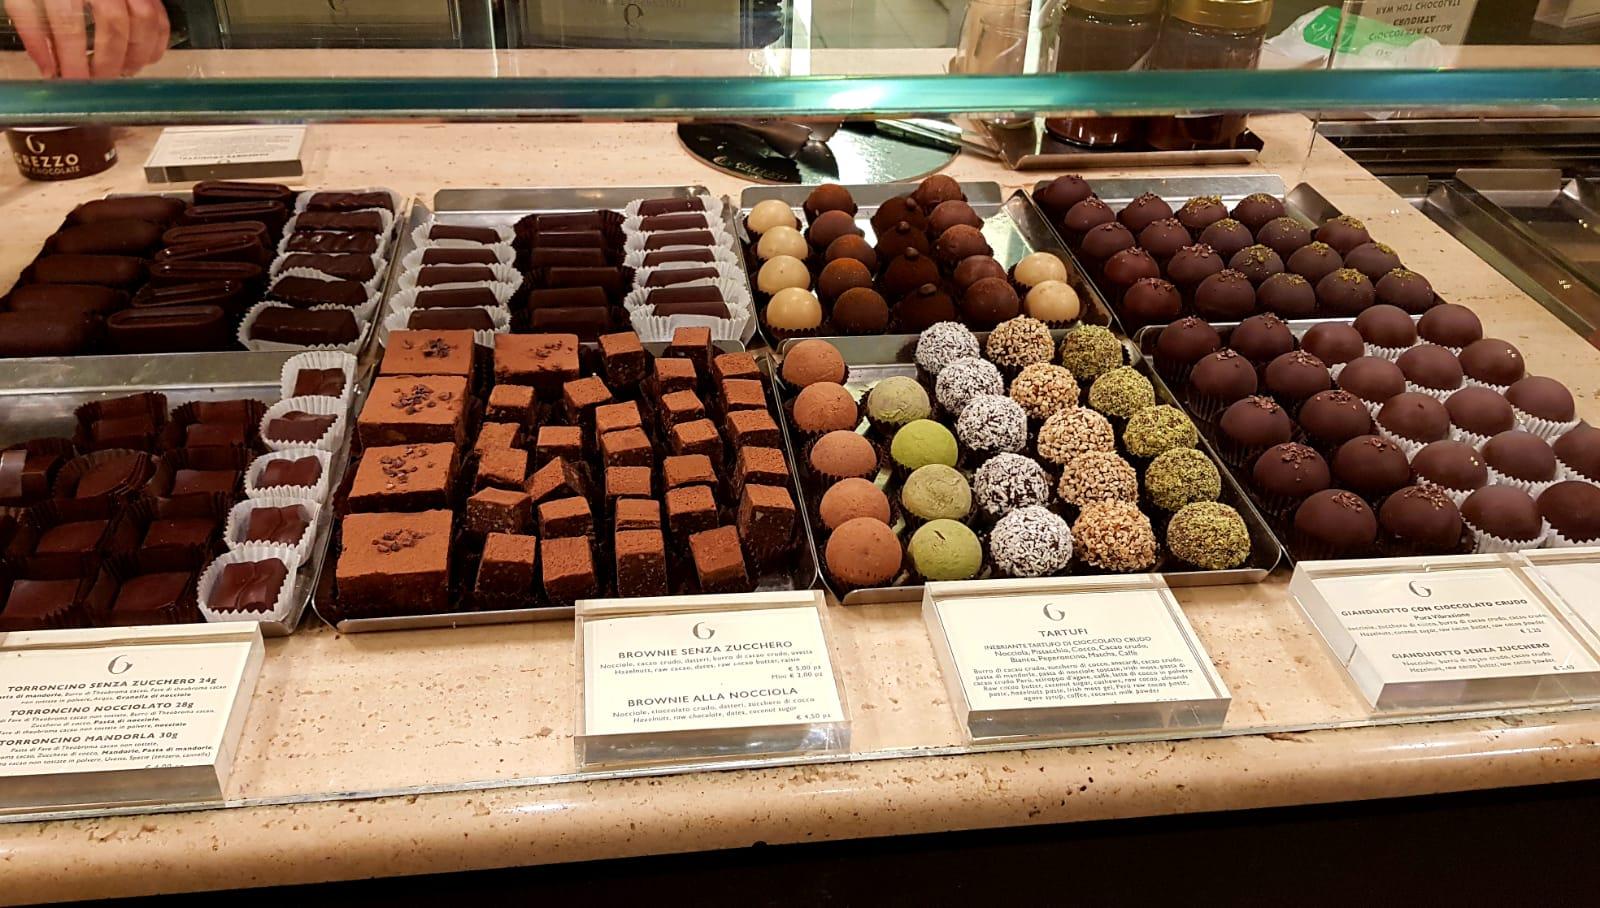 הפרלינים ב-Grezzo chocolate bar. צילום: אפרת נבון כהן